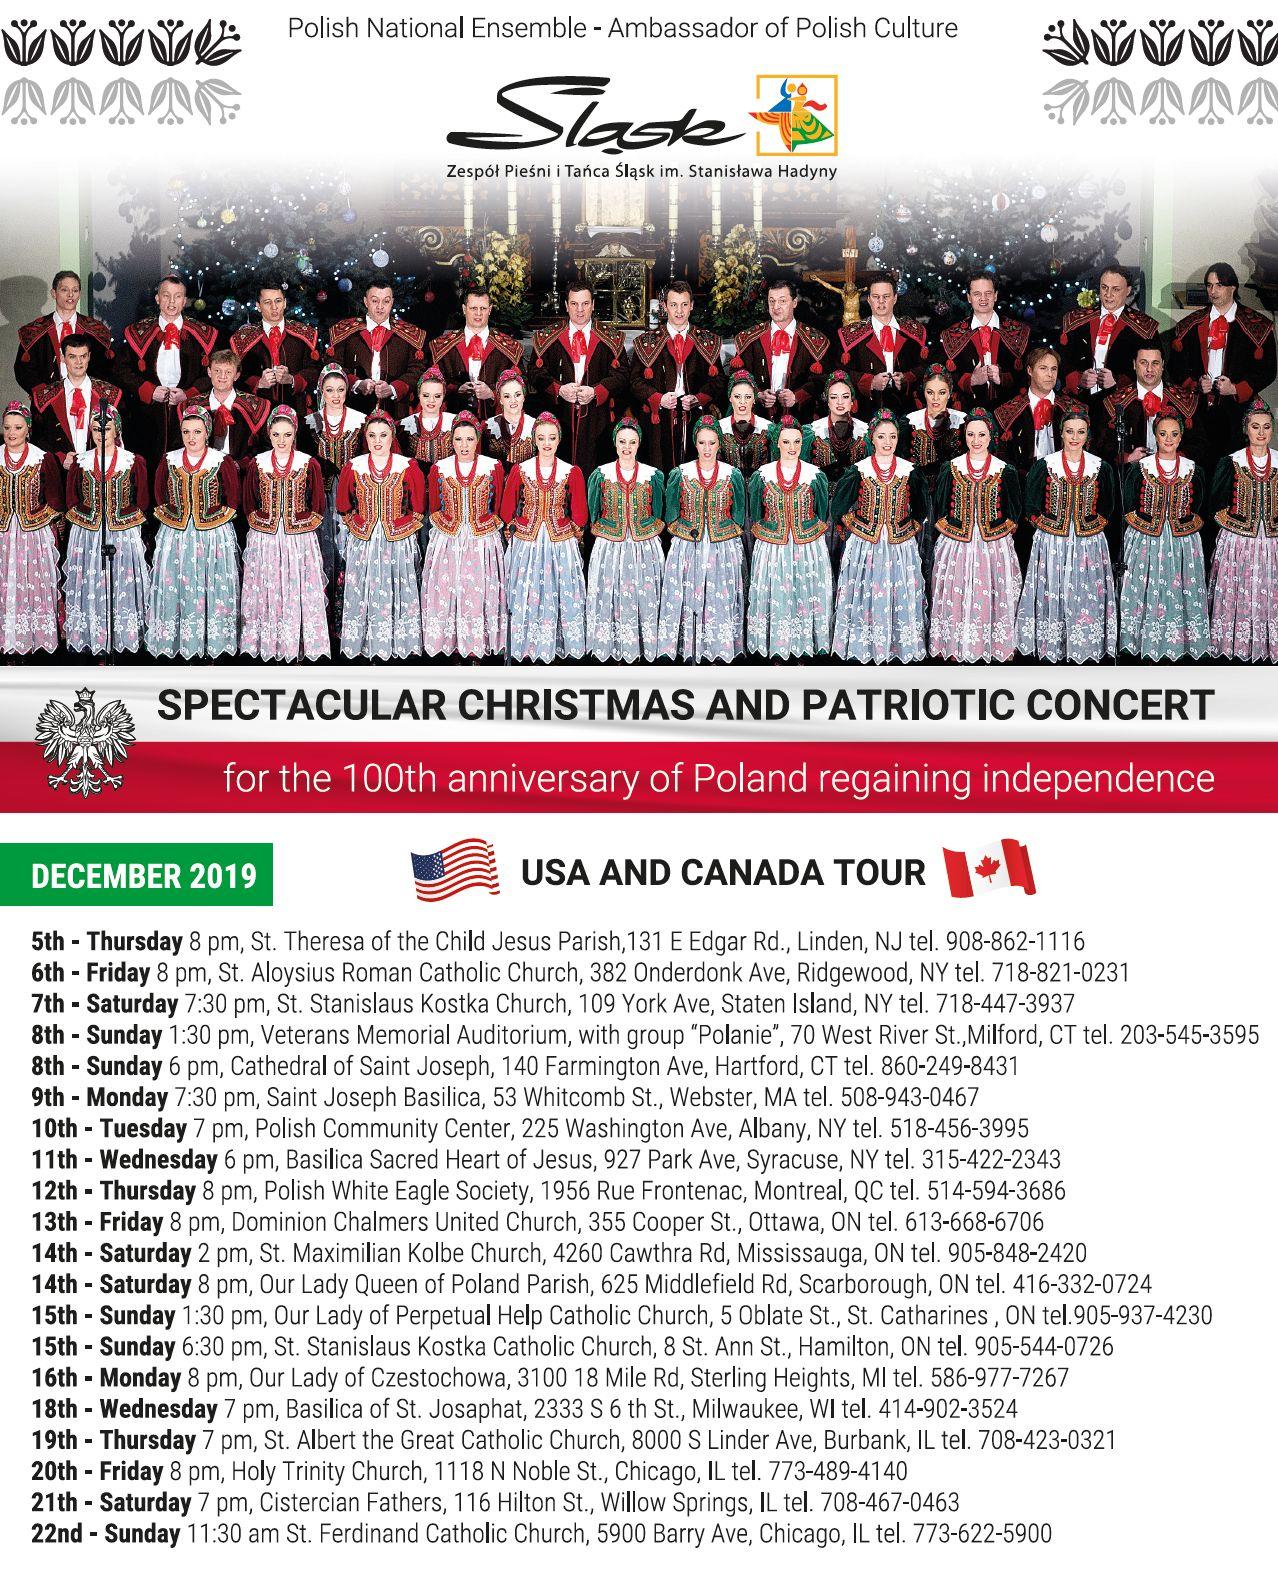 Ogłoszenie darmowe. Lokalizacja:  USA i Canada. IMPREZY - Koncerty muzyczne. ZAPRASZAMY NA WSPANIAŁY WYSTĘP ZESPOŁU.